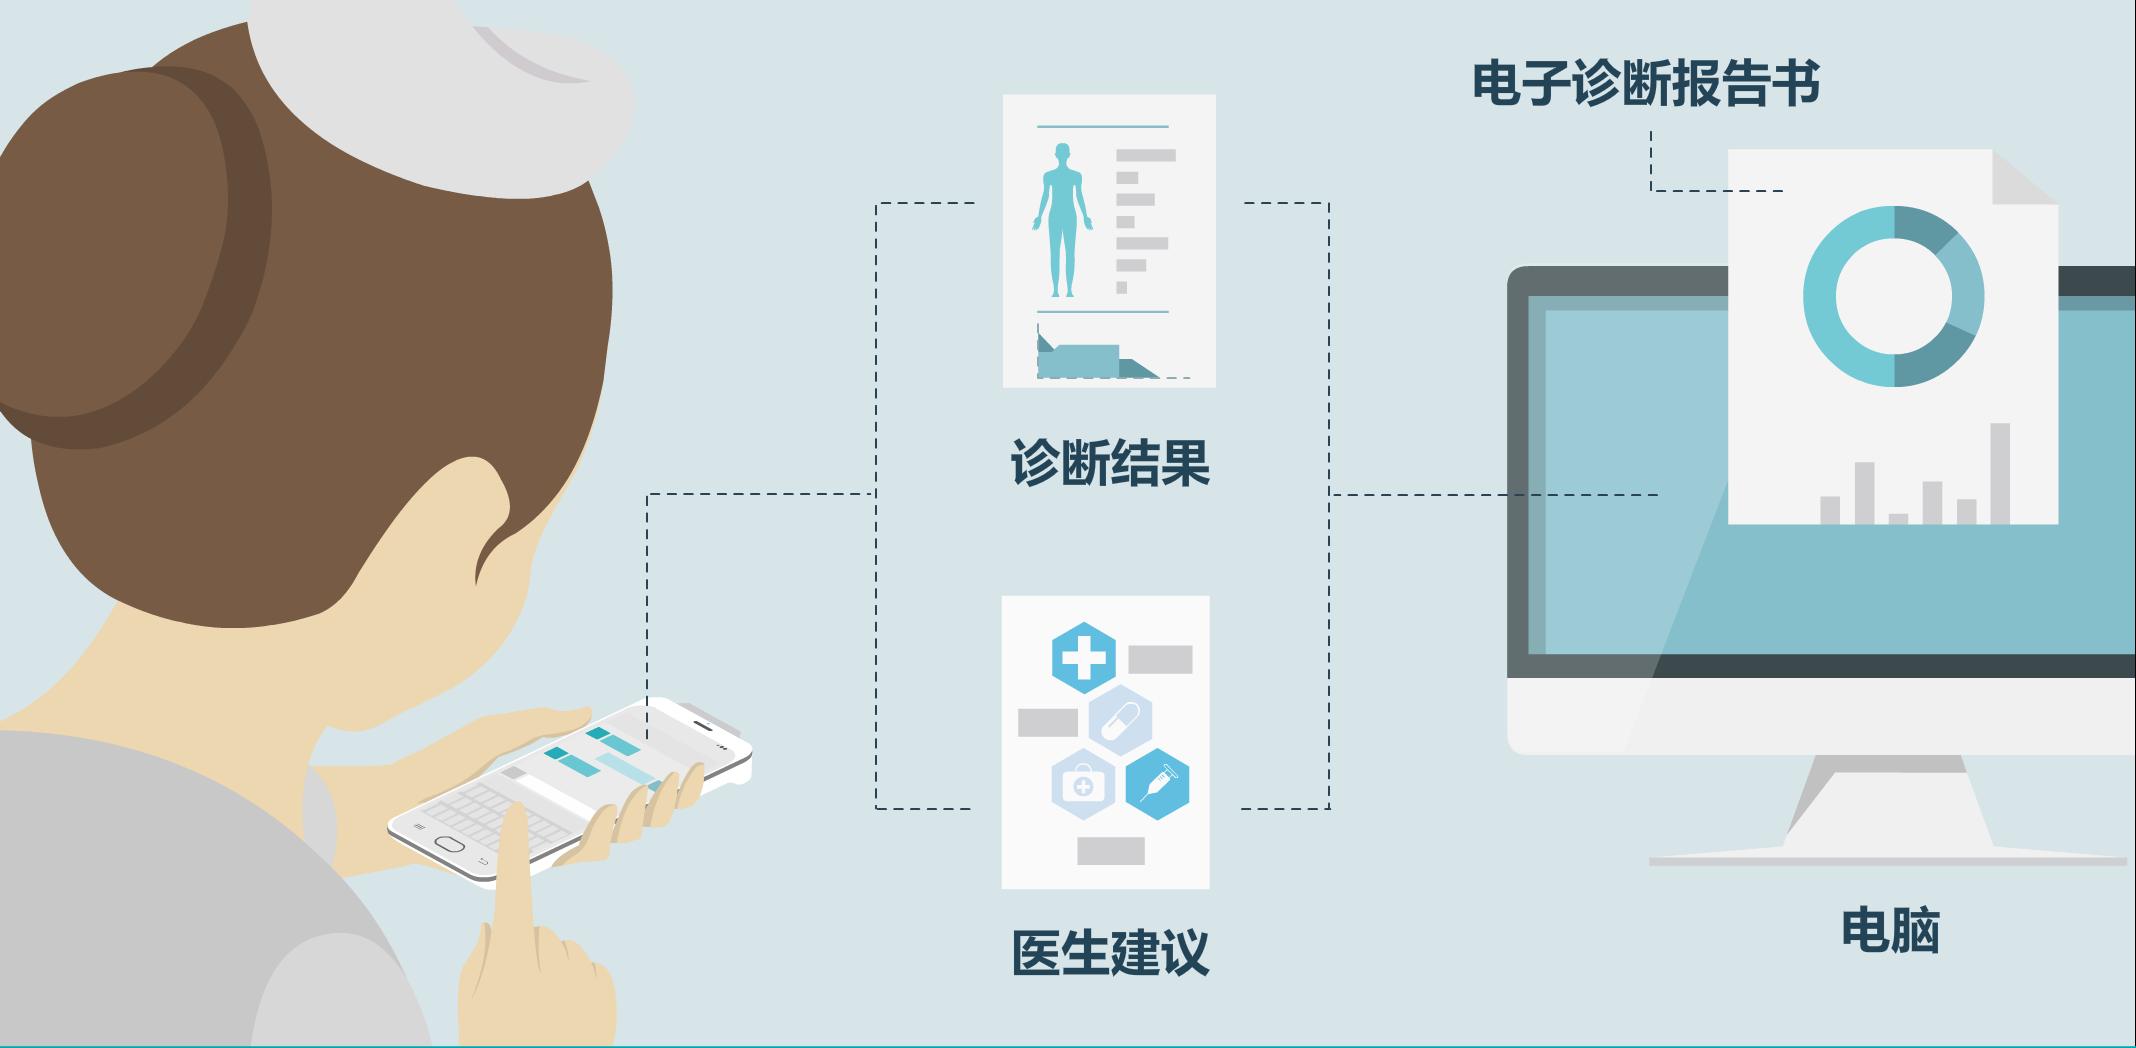 智慧医疗中样本采集RFID解决方案